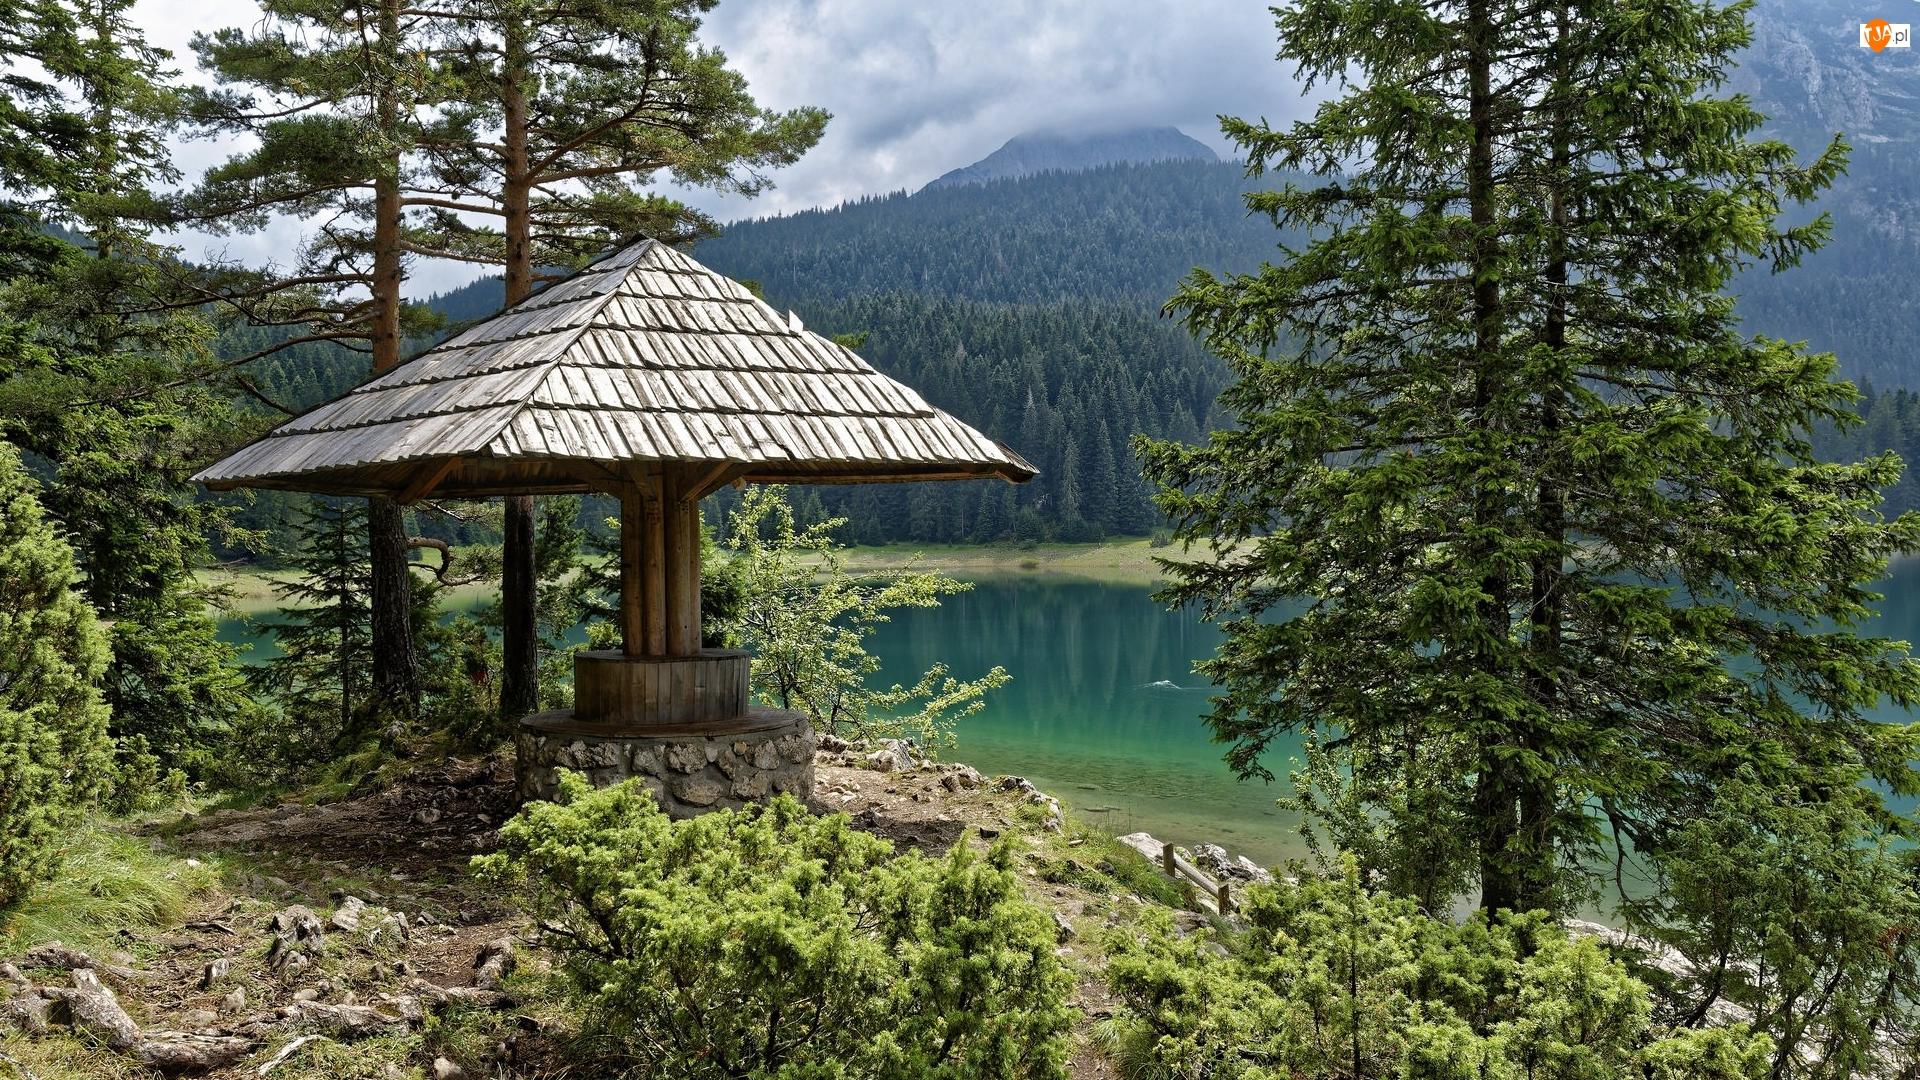 Drzewa, Jezioro, Góry, Altana, Lasy